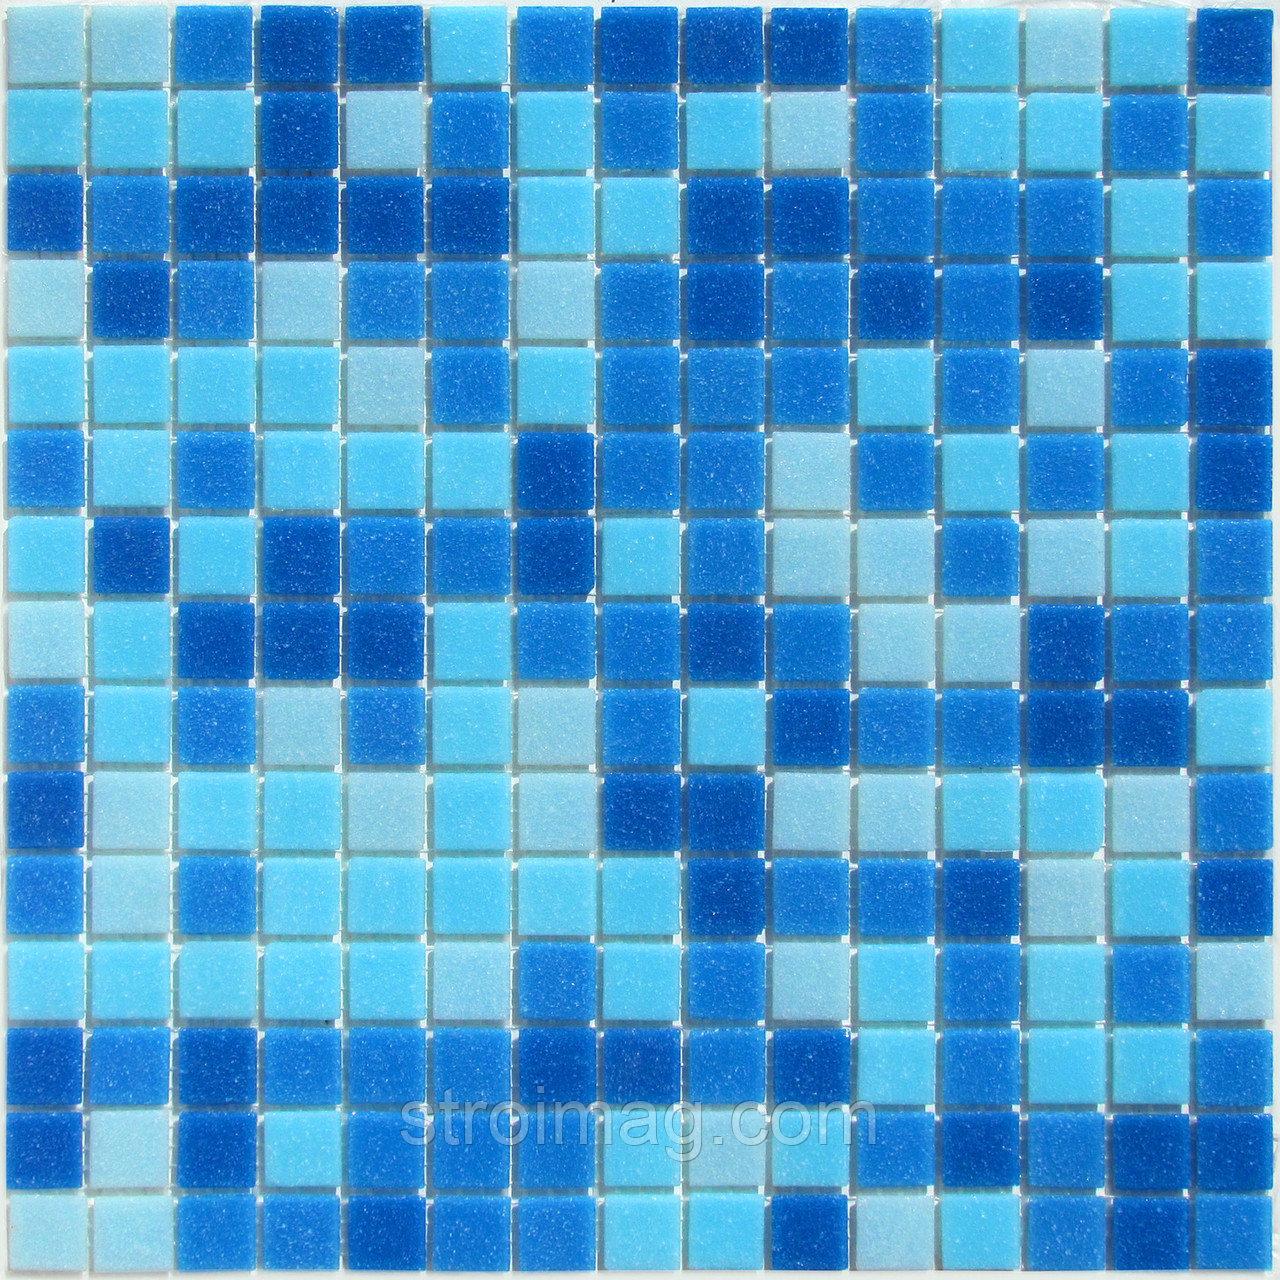 Виды мозаичной плитки, особенности, преимущества и недостатки